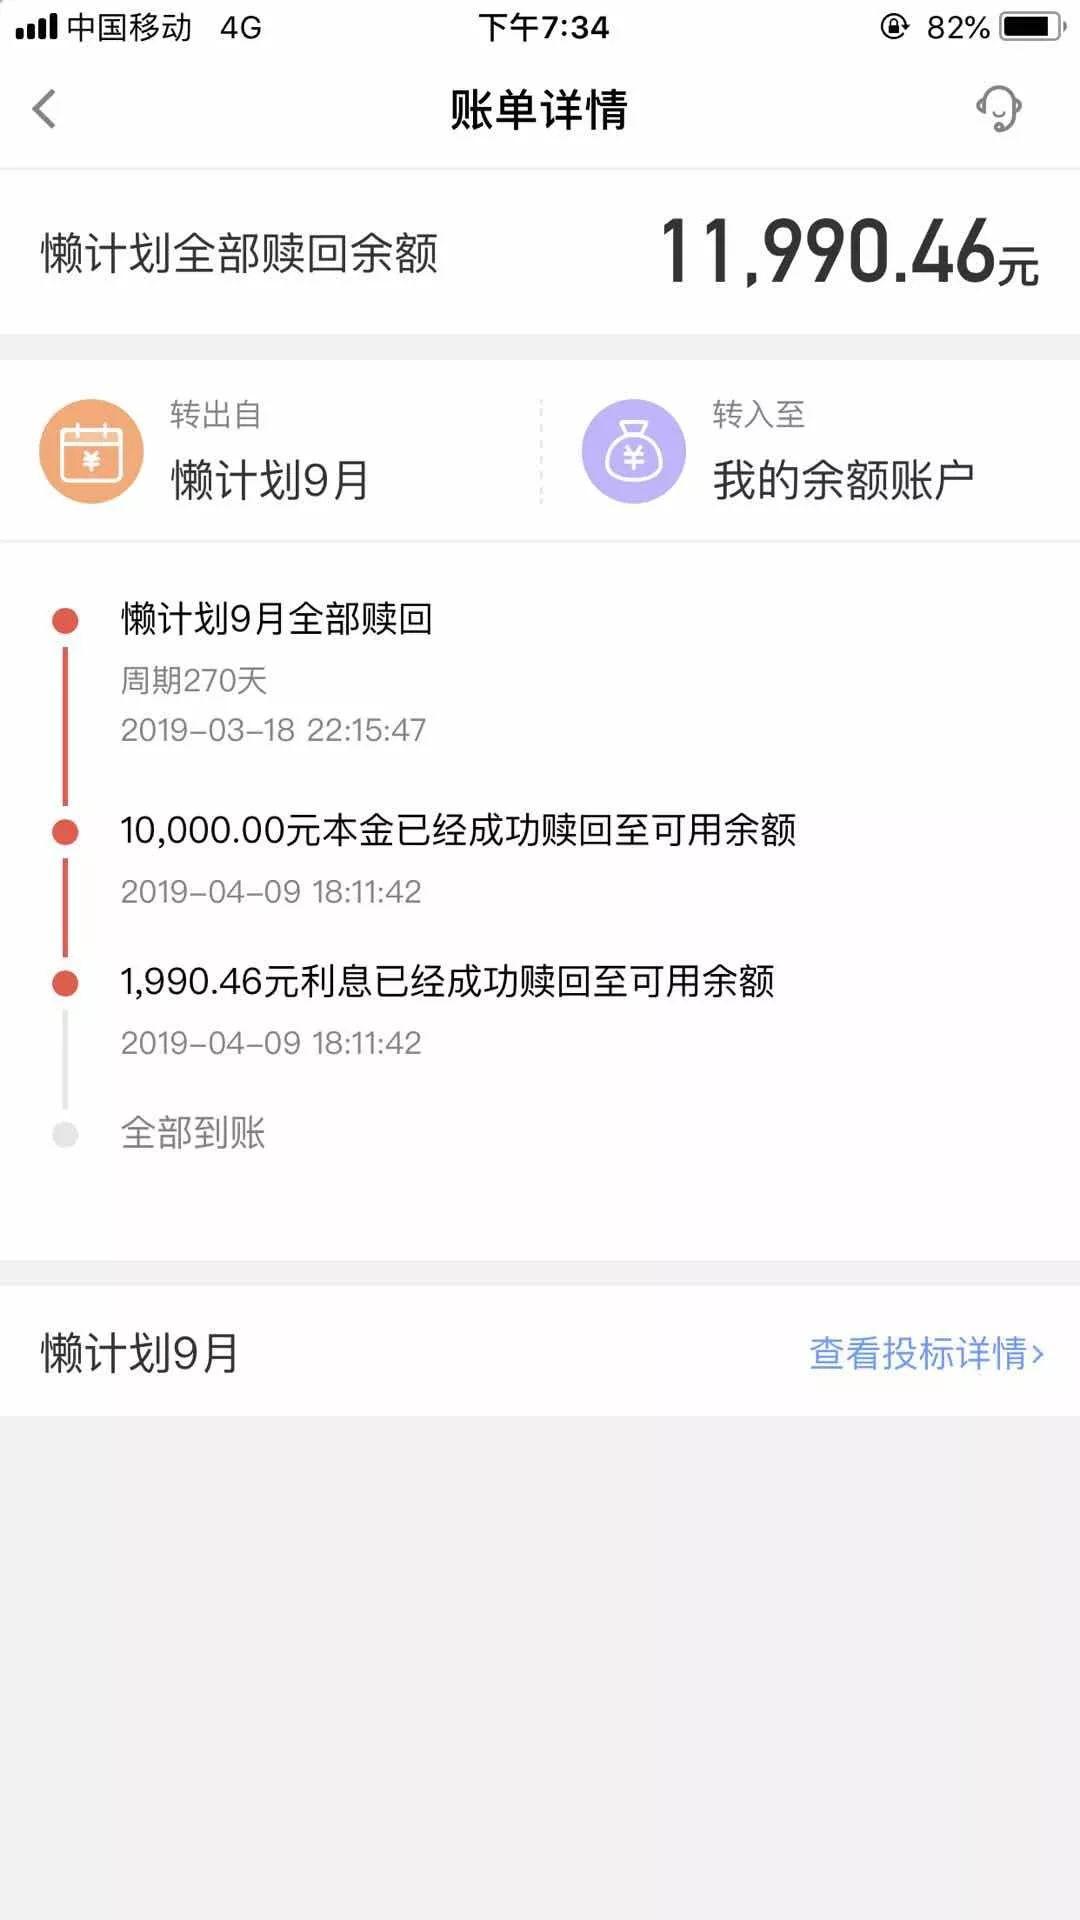 荷包金融/银谷在线/爱钱进/口袋理财/懒财网等平台最新回款消息